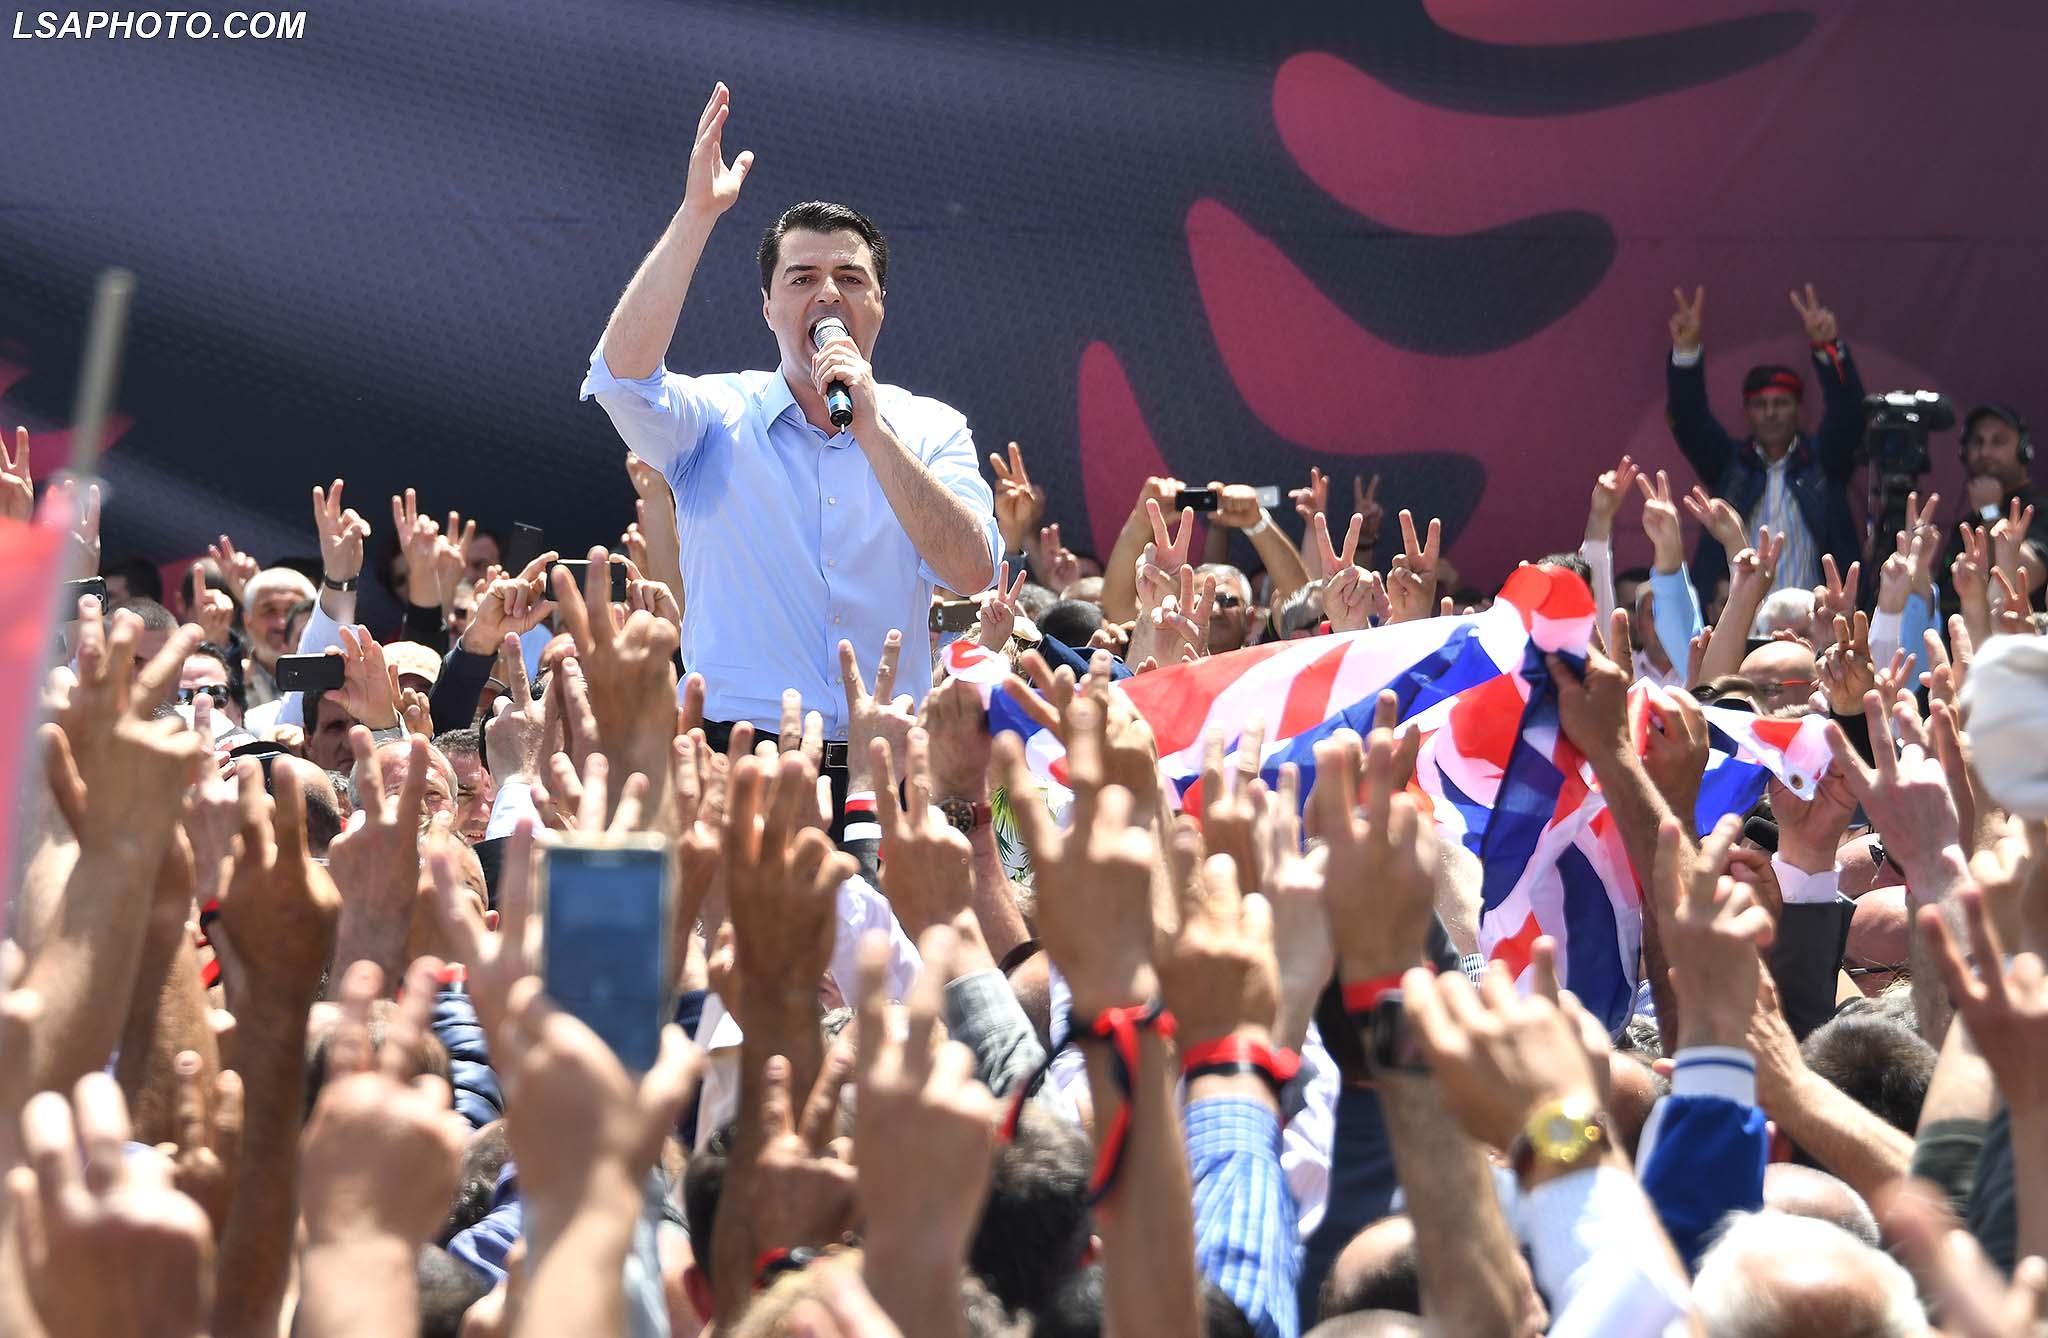 Kryetari i PD Lulzim Basha, duke folur gjate nje proteste te organizuar nga Partia Demokratike para godines se Kryeministrise, ku eshte kerkuar dorheqja e qeverise dhe ngritja e nje qeverie teknike, per ta cuar vendin ne zgjedhje te lira dhe te ndershme./r/n/r/nLeader of DP Lulzim Basha, speaking during a protest organized by the Democratic Party in front of the Prime Minister's Office, where is asked the resignation of the government and the establishment of a technical government to bring the country to free and fair elections.